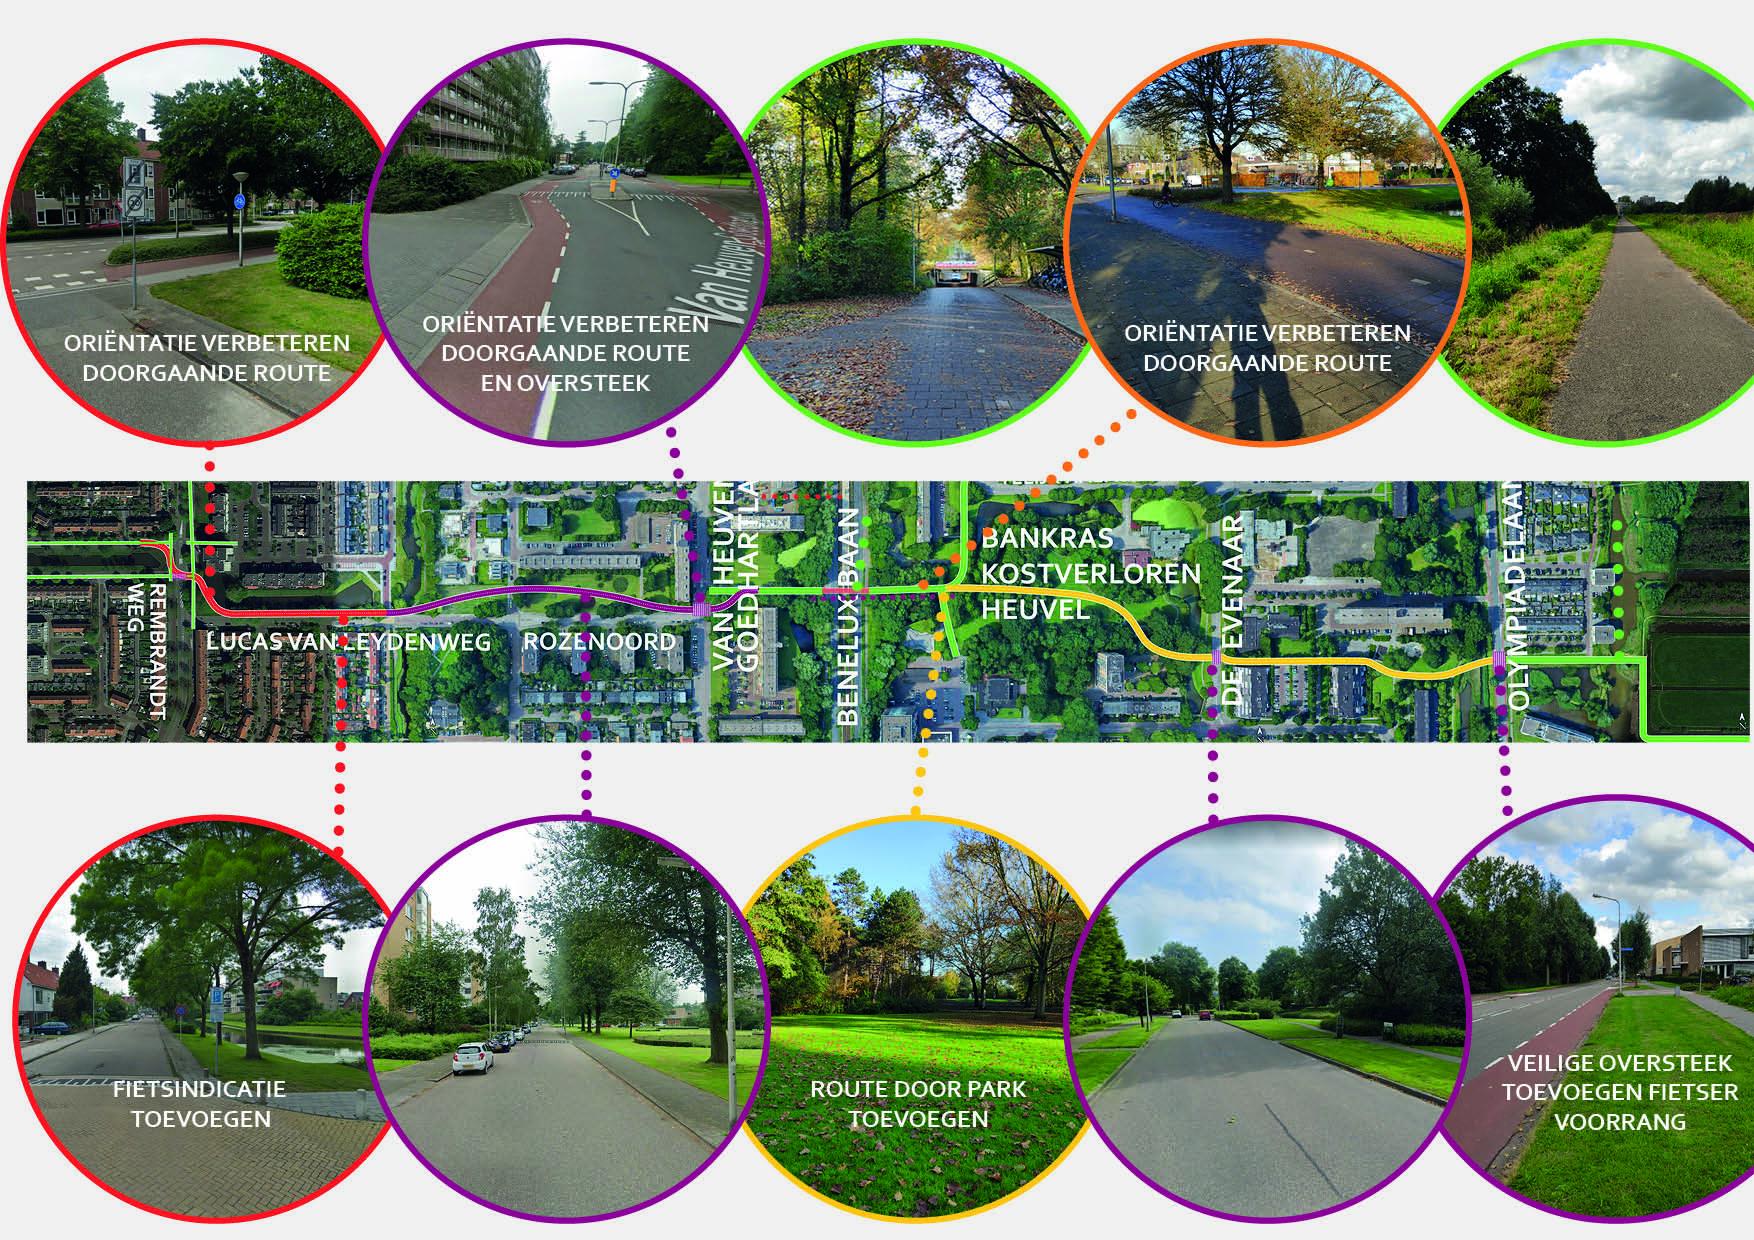 Track-Landscapes_amstelveen_7